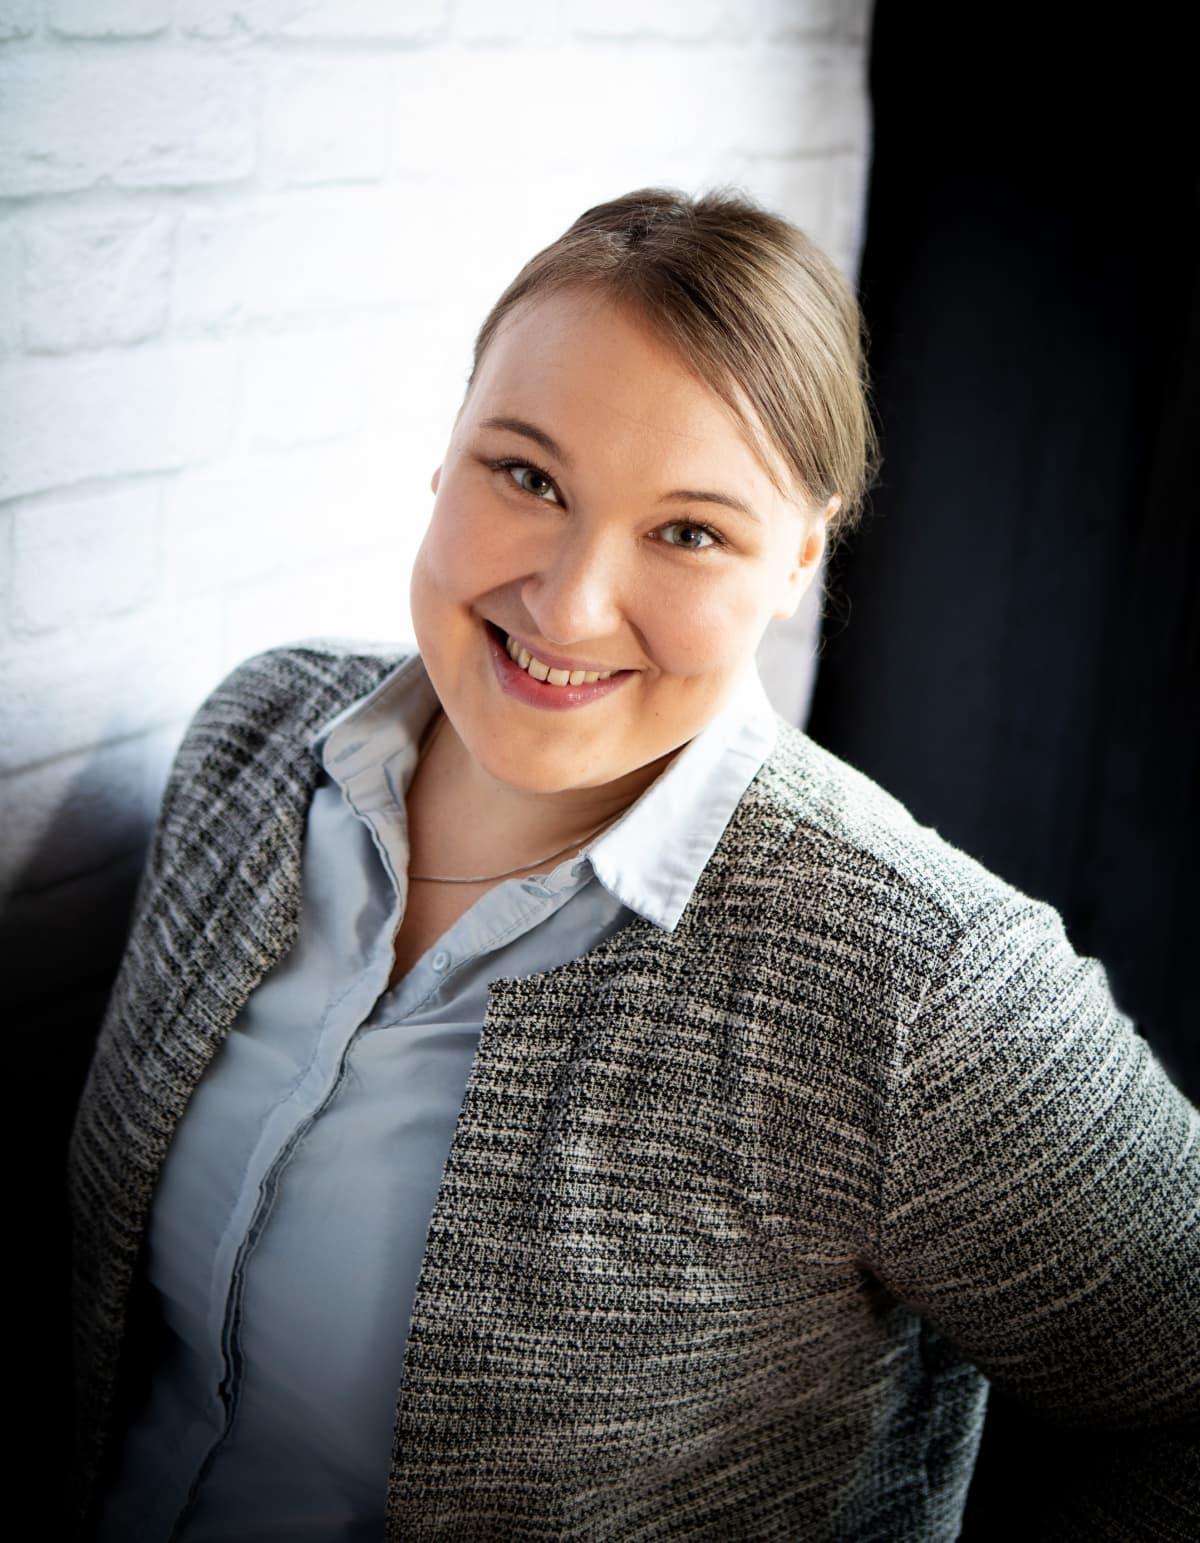 Väitöskirjatutkija Iida Martiskainen.